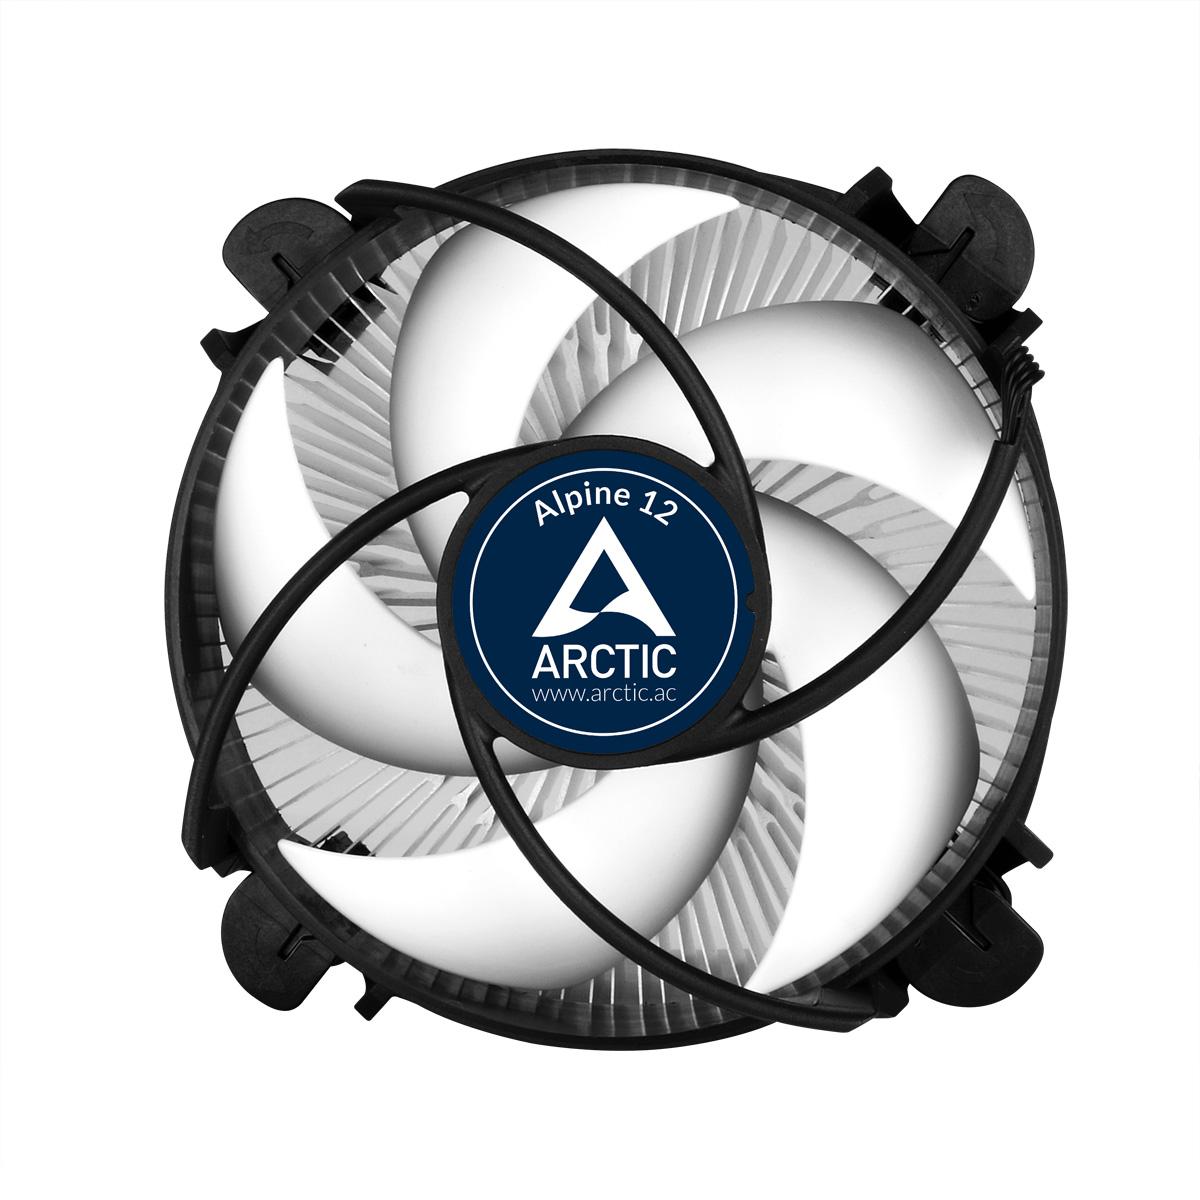 Kompakter Intel CPU-Kühler ARCTIC Alpine 12 Vorderansicht